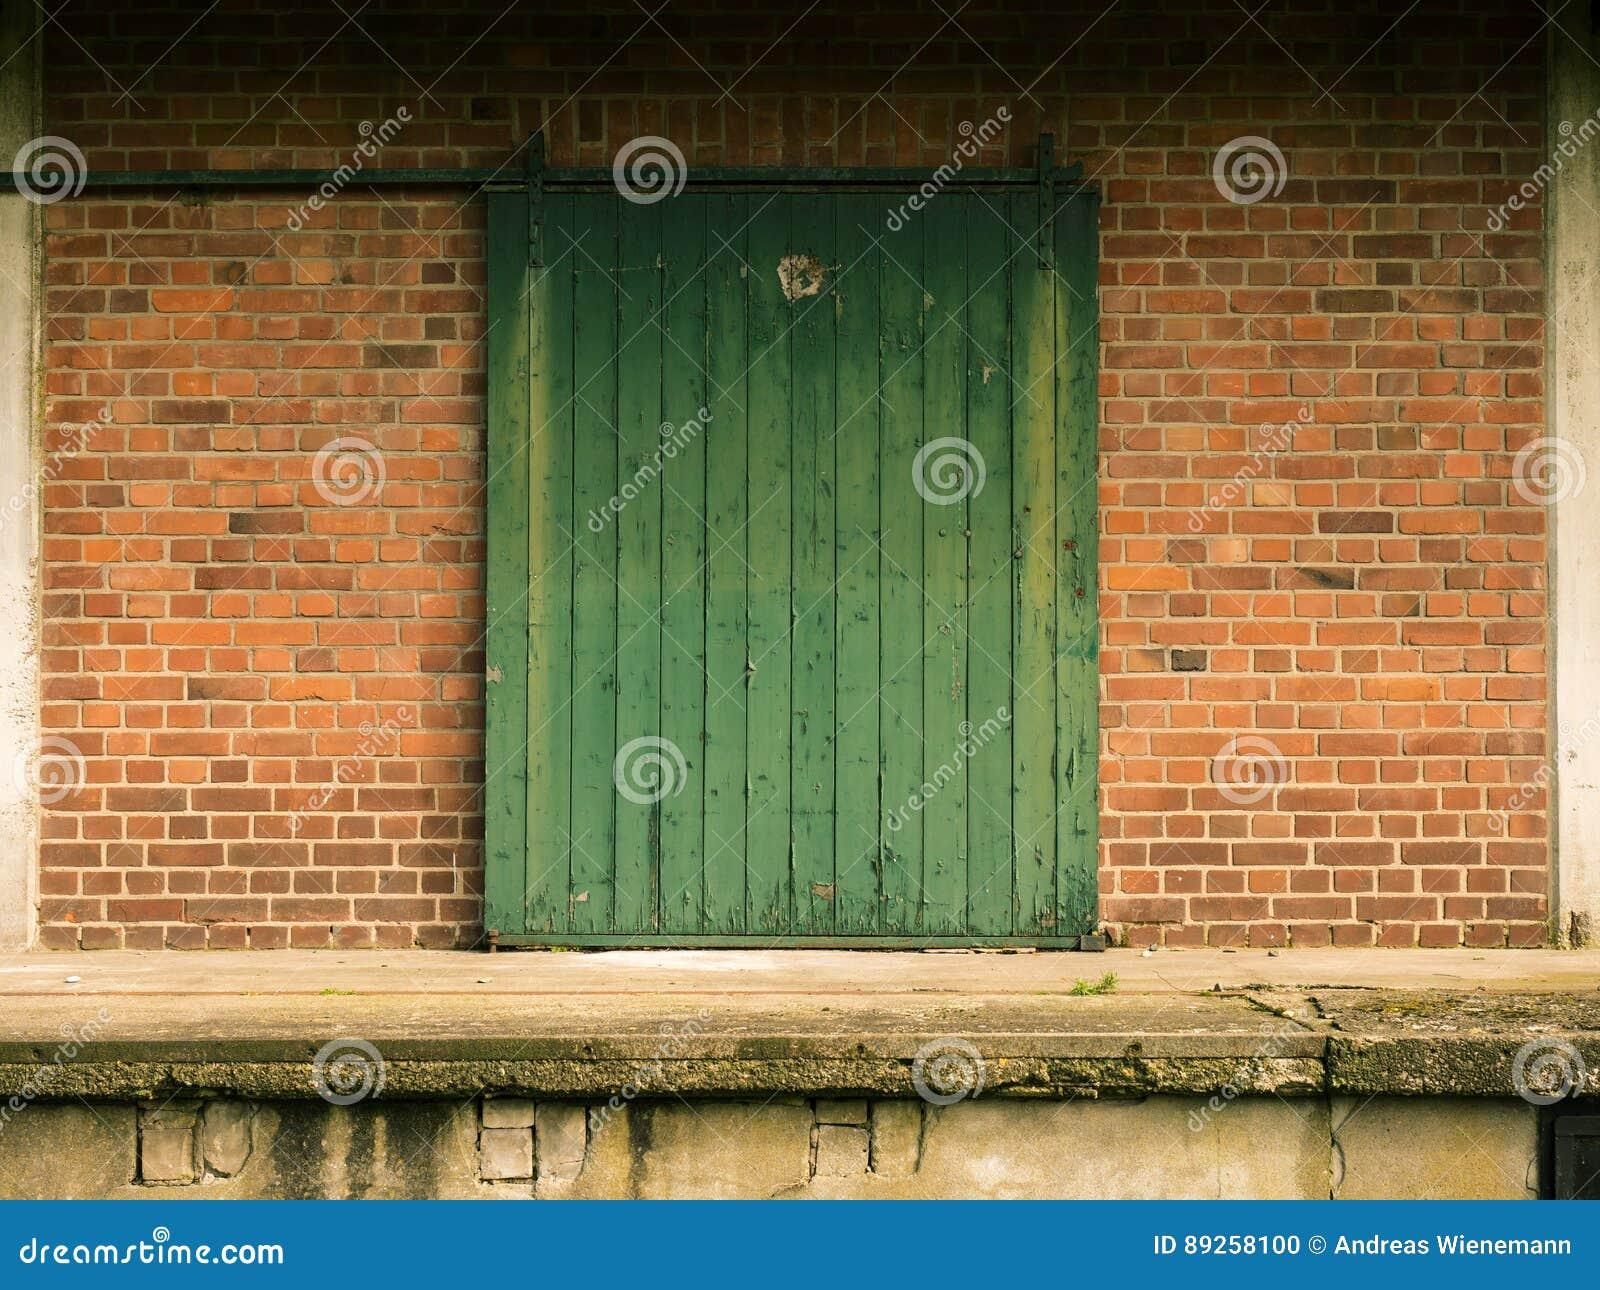 Vieille Porte En Bois Coulissante vieille porte coulissante en bois verte photo stock - image